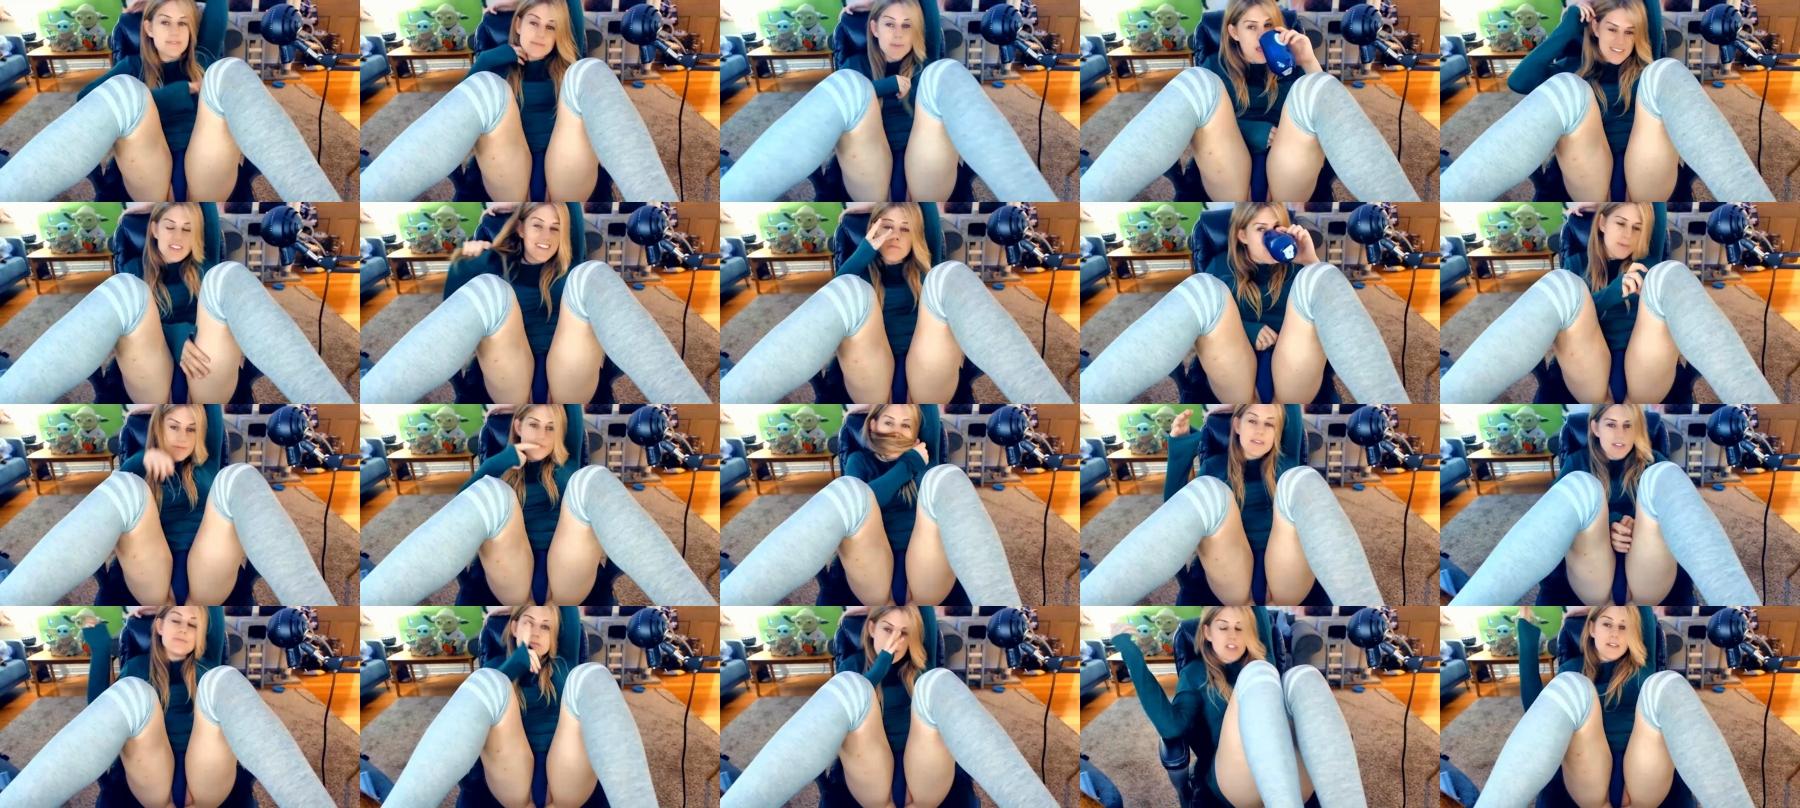 Katiecutie_5 Katiecutie_5's Recorded